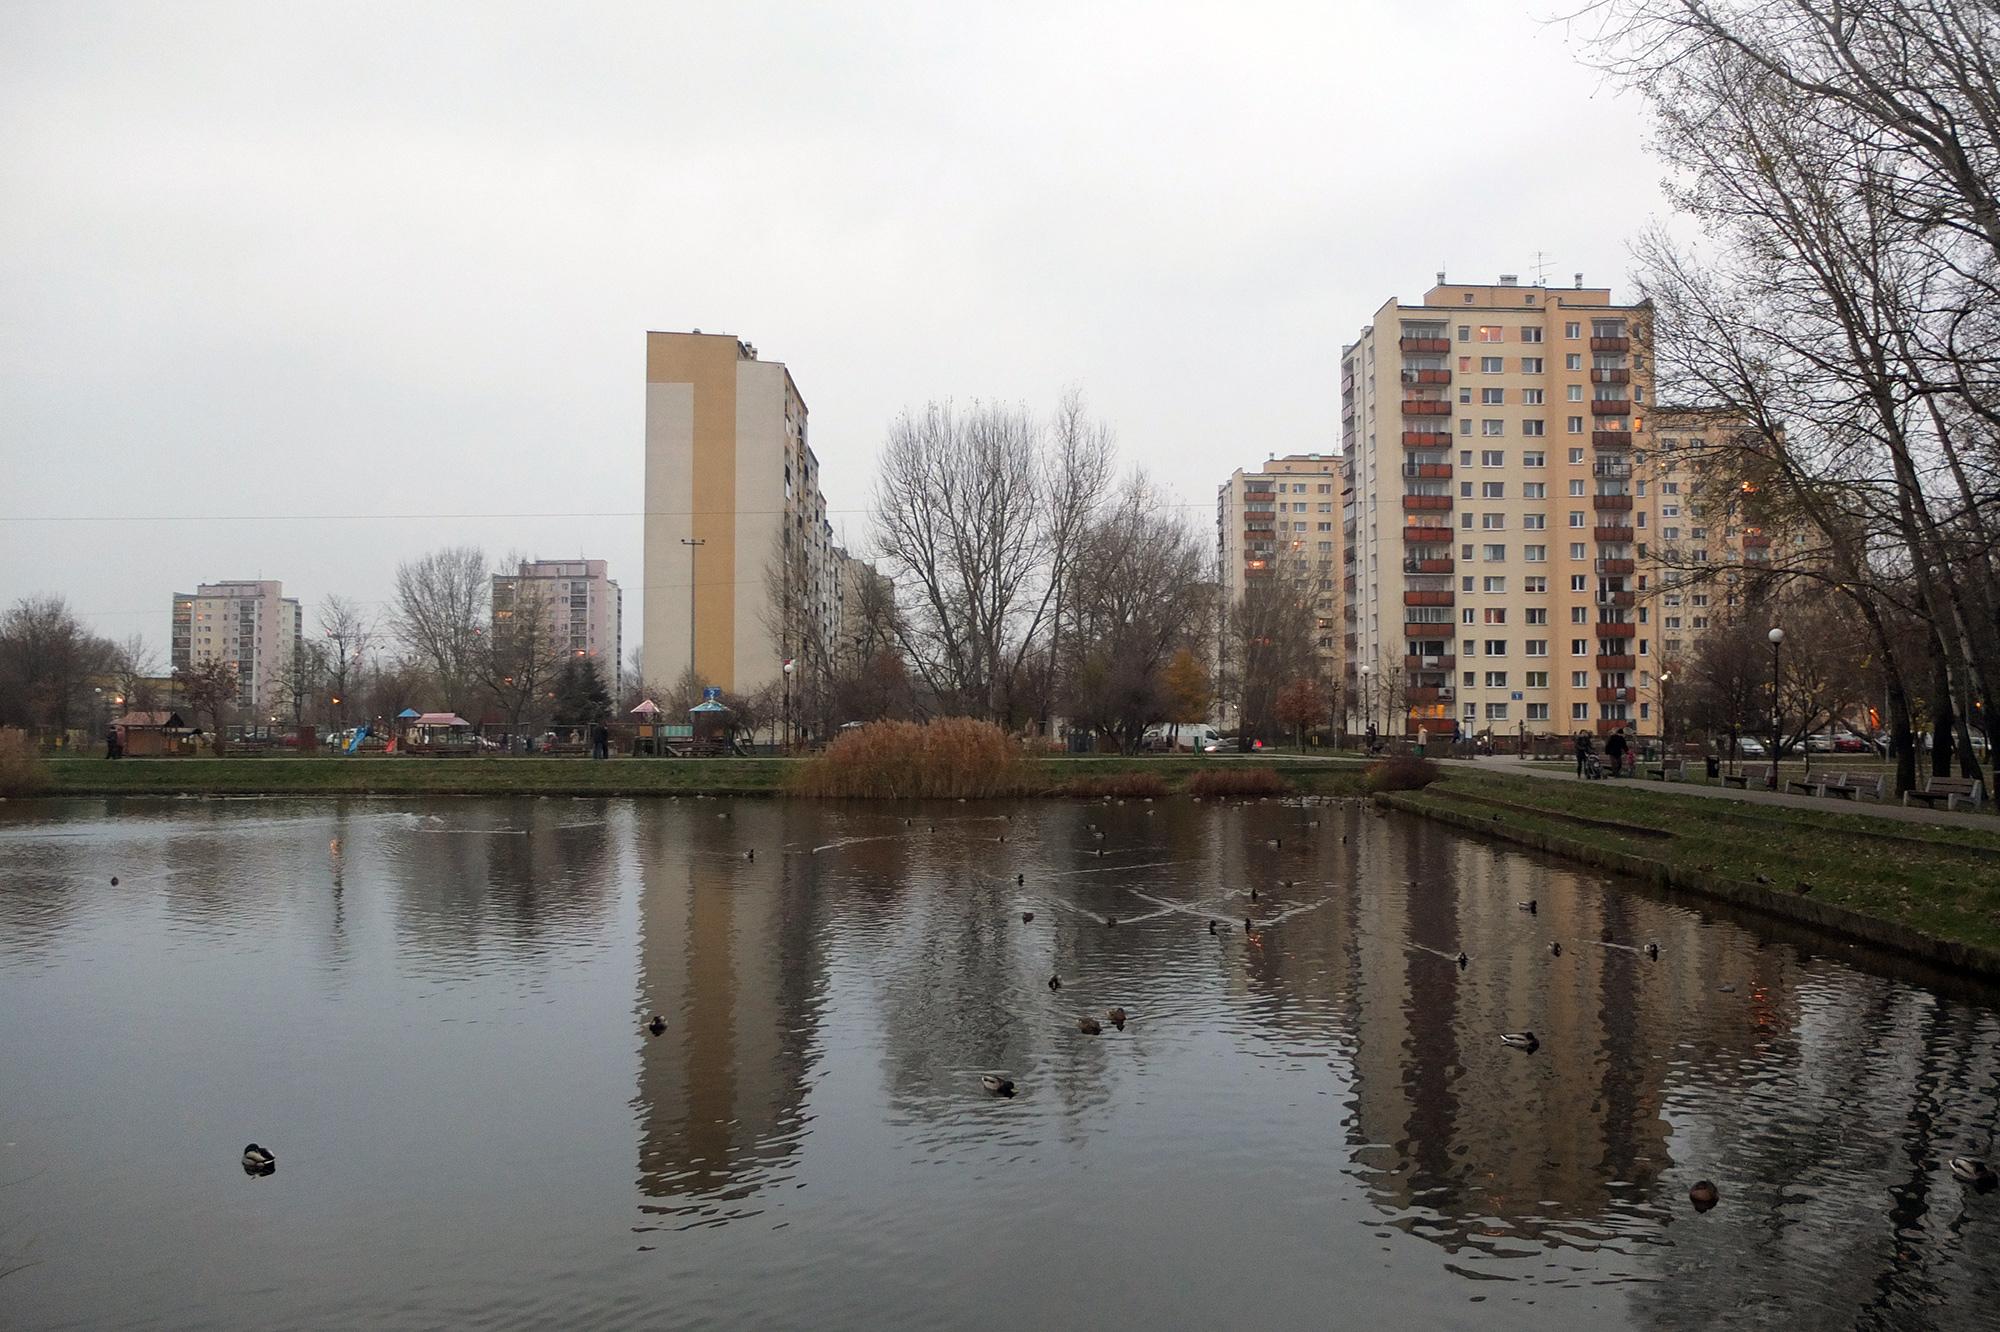 Pokolenia warszawiaków wychowały się natakich osiedlach. Nazdjęciu jeziorka naWawrzyszewie.